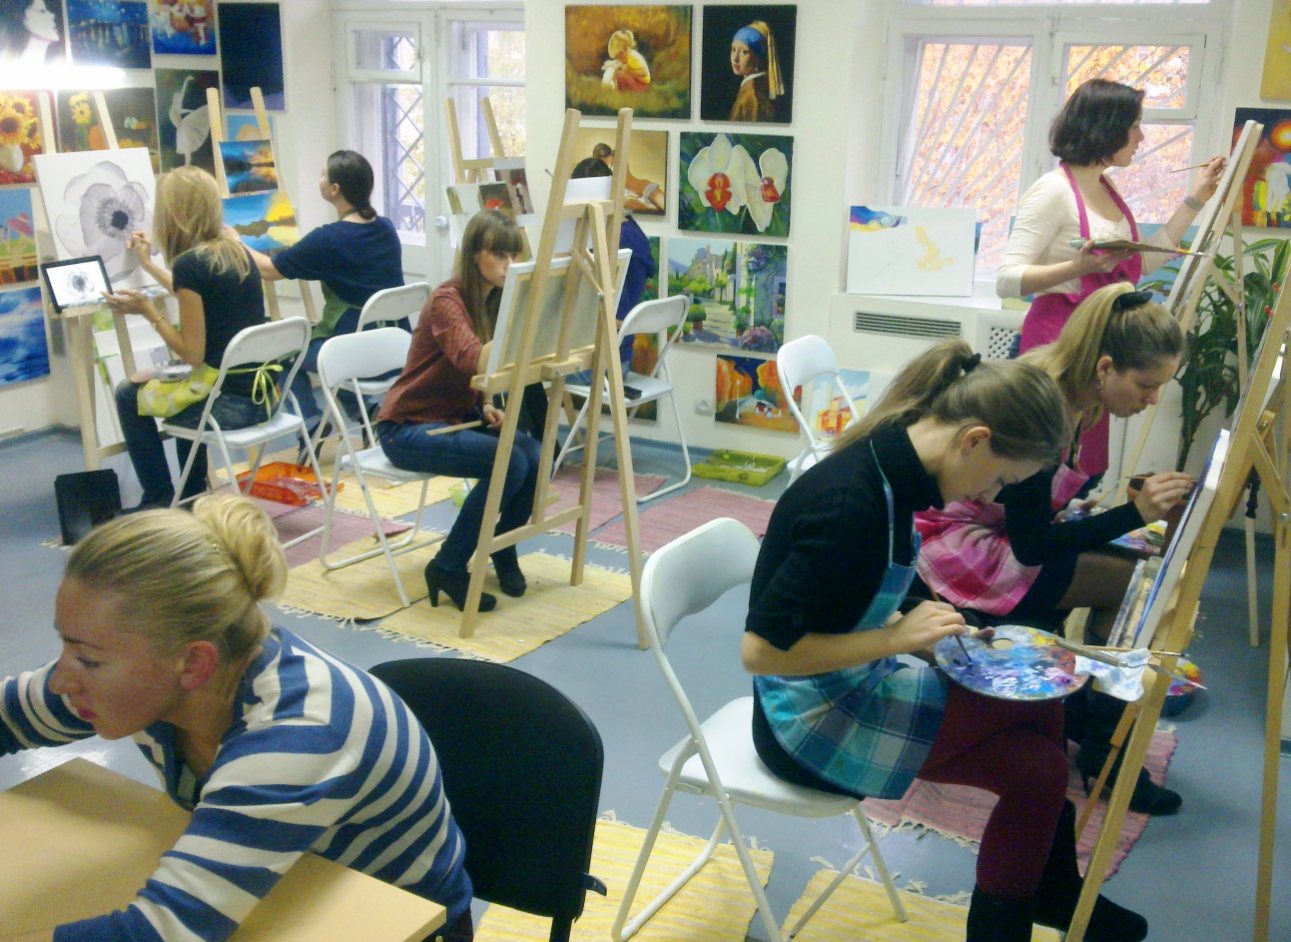 бизнес-идея открытия студии живописи